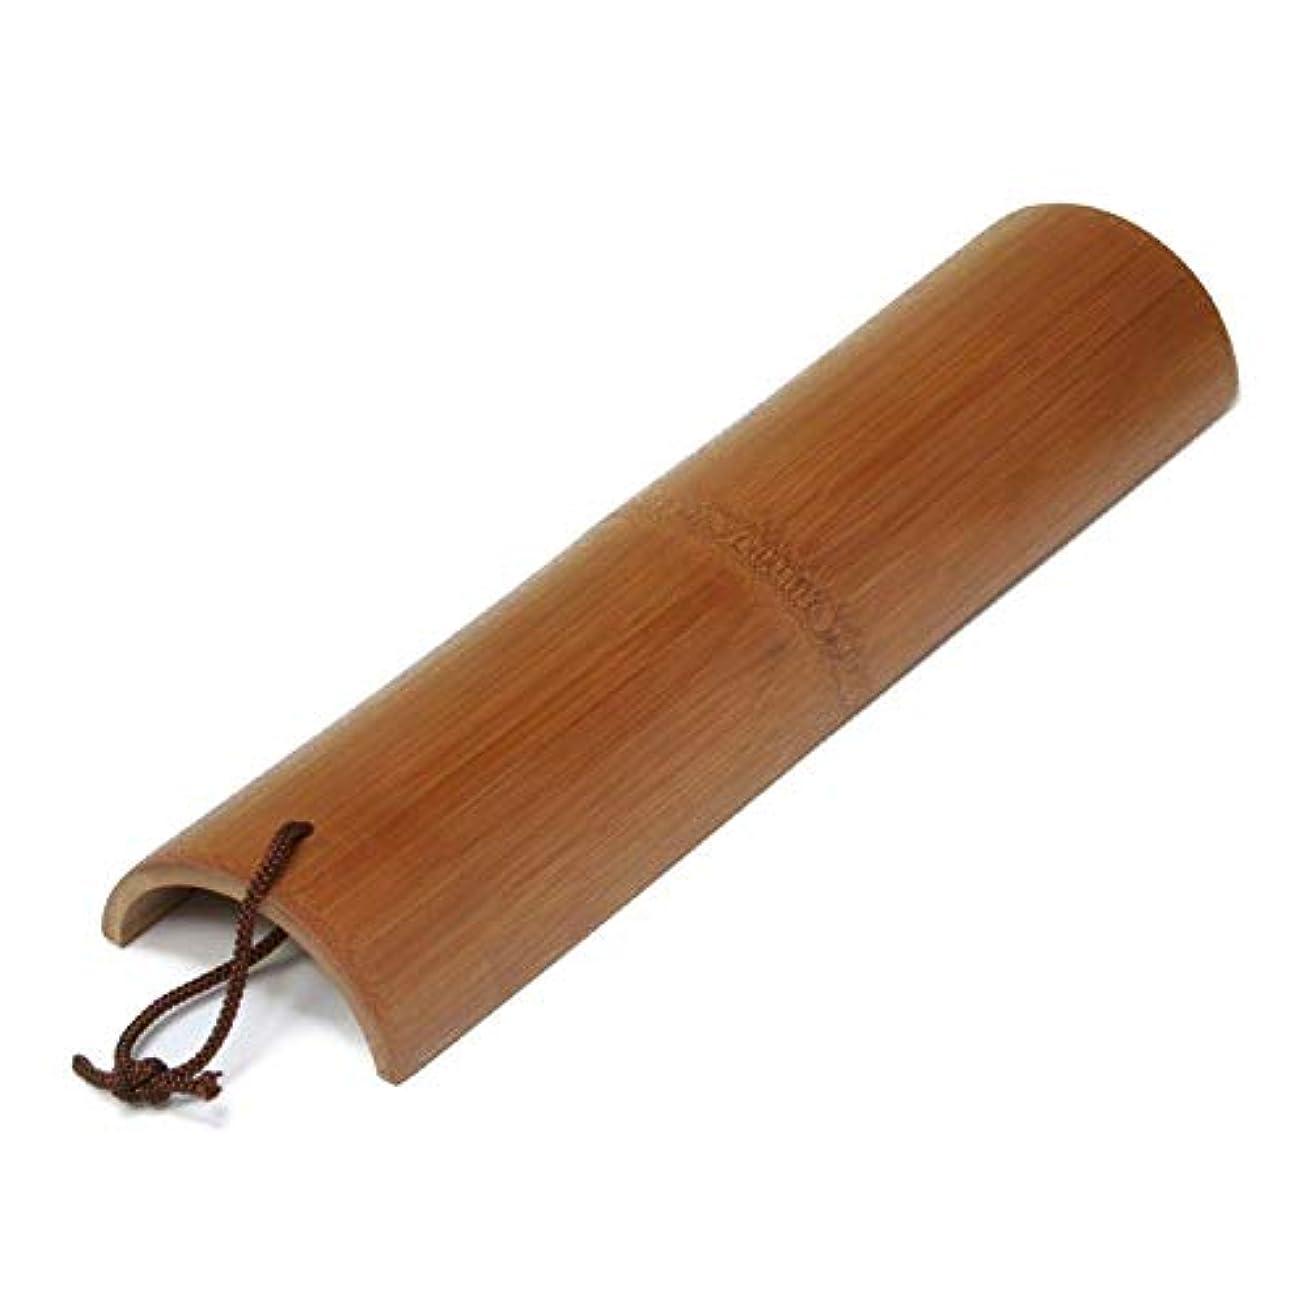 乱暴な報奨金中世の炭化竹製「大判?踏み竹」 「竹の本場?大分県」よりお届けします